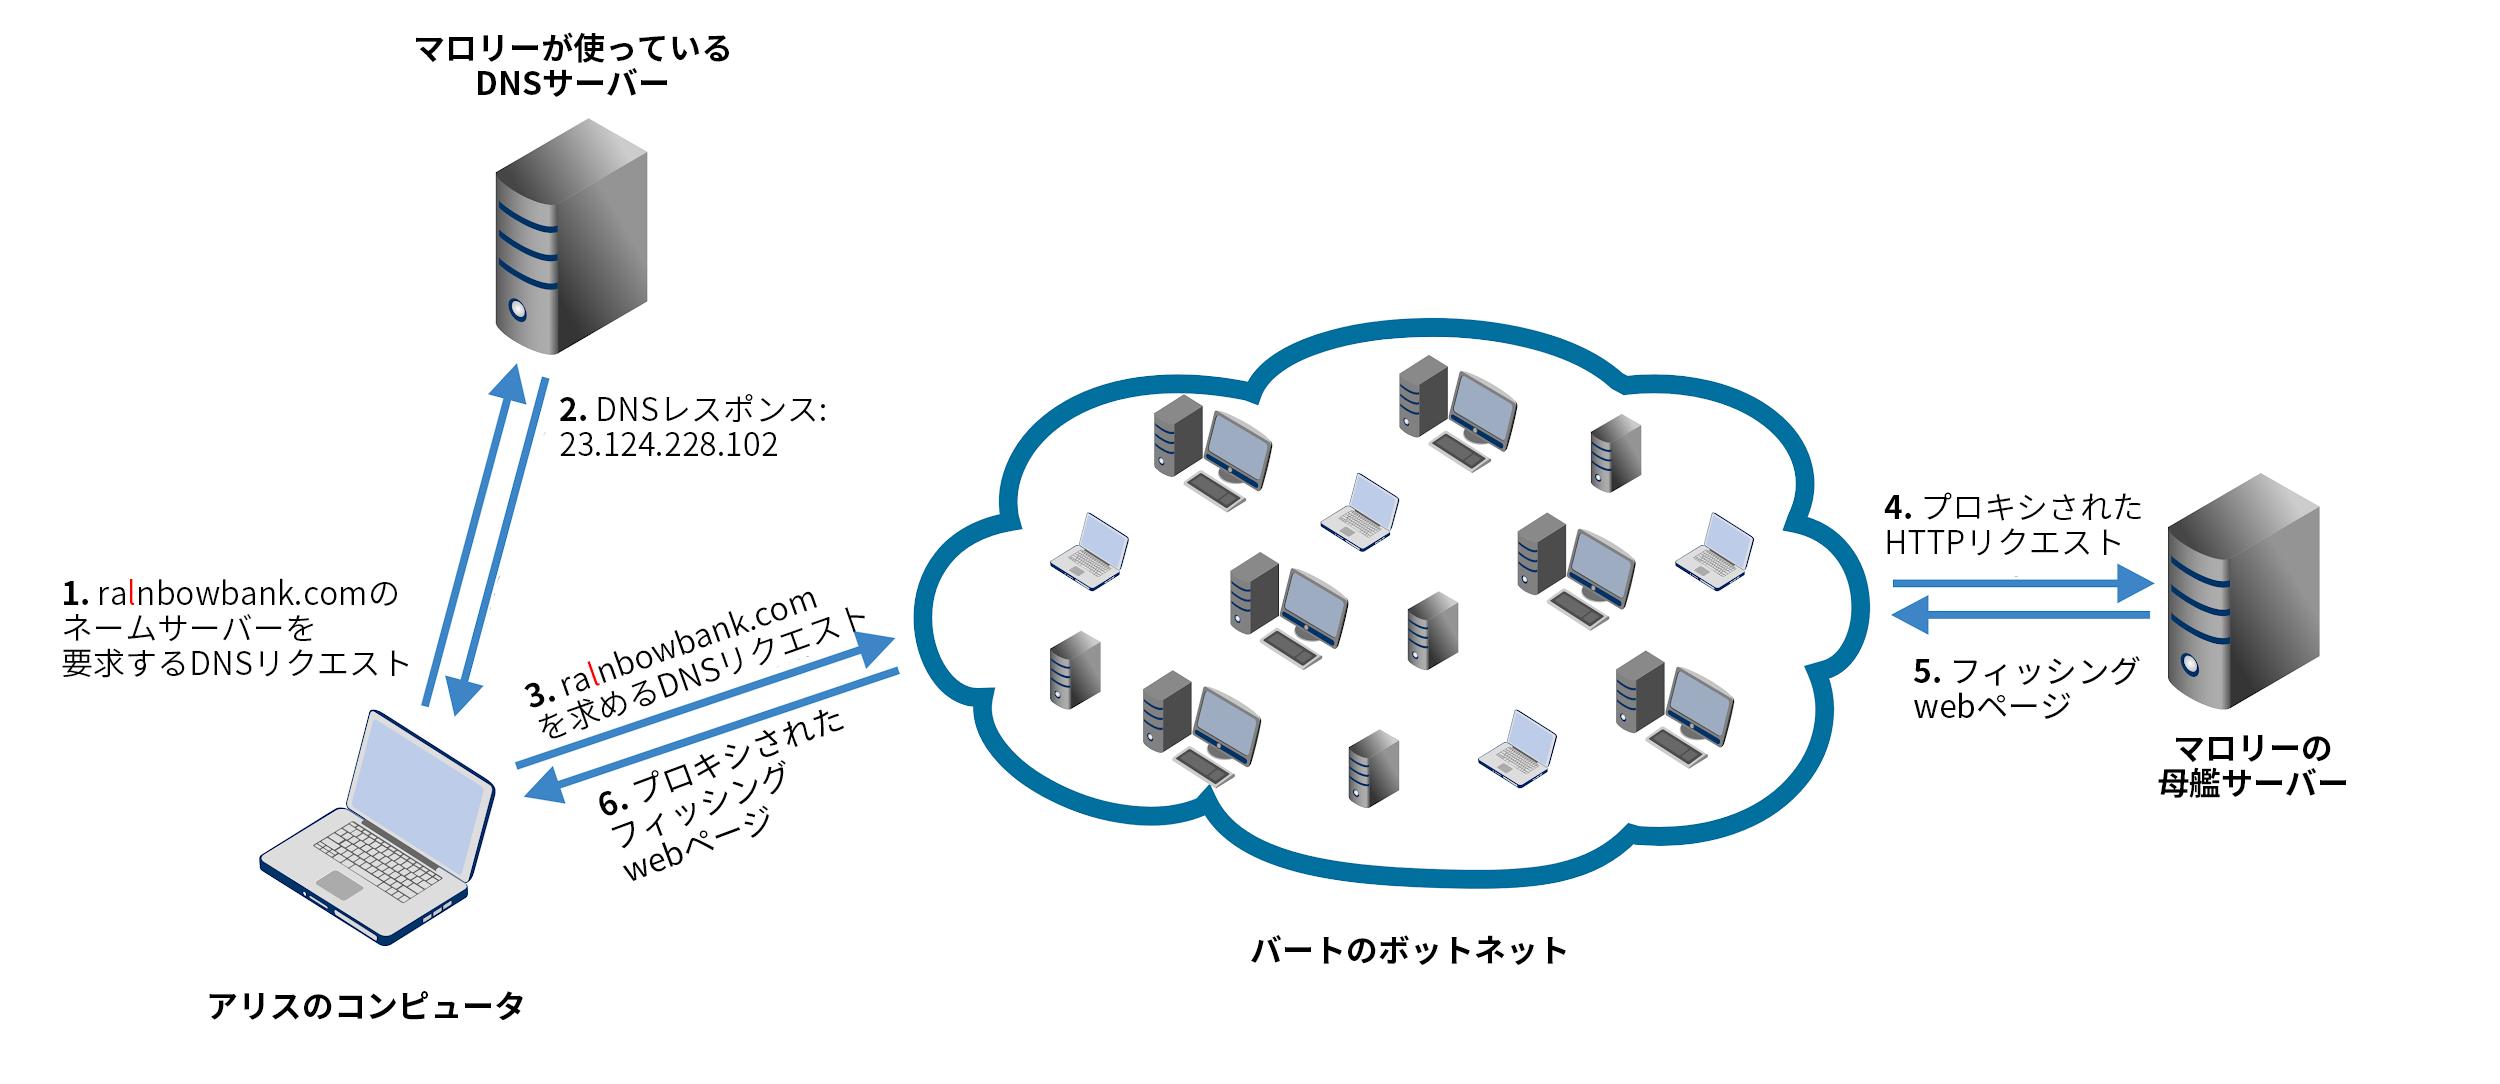 これは、高速フラックスアーキテクチャの設計を示しています。これらのステップは次のとおりです。1)被害者のコンピュータから攻撃者のサーバーへのドメイン名のDNSリクエスト。 2)攻撃者のサーバーから被害者のコンピュータへのDNSレスポンス。 3)被害者のコンピュータから攻撃者のボットネットへのドメイン名のHTTPリクエスト。 4)ボットネットから攻撃者の母艦サーバーへのプロキシされたHTTPリクエスト。 5)母艦サーバーから攻撃者のボットネットへのフィッシングWebページ。 6)攻撃者のボットネットから被害者のコンピュータにプロキシされたフィッシングWebページ